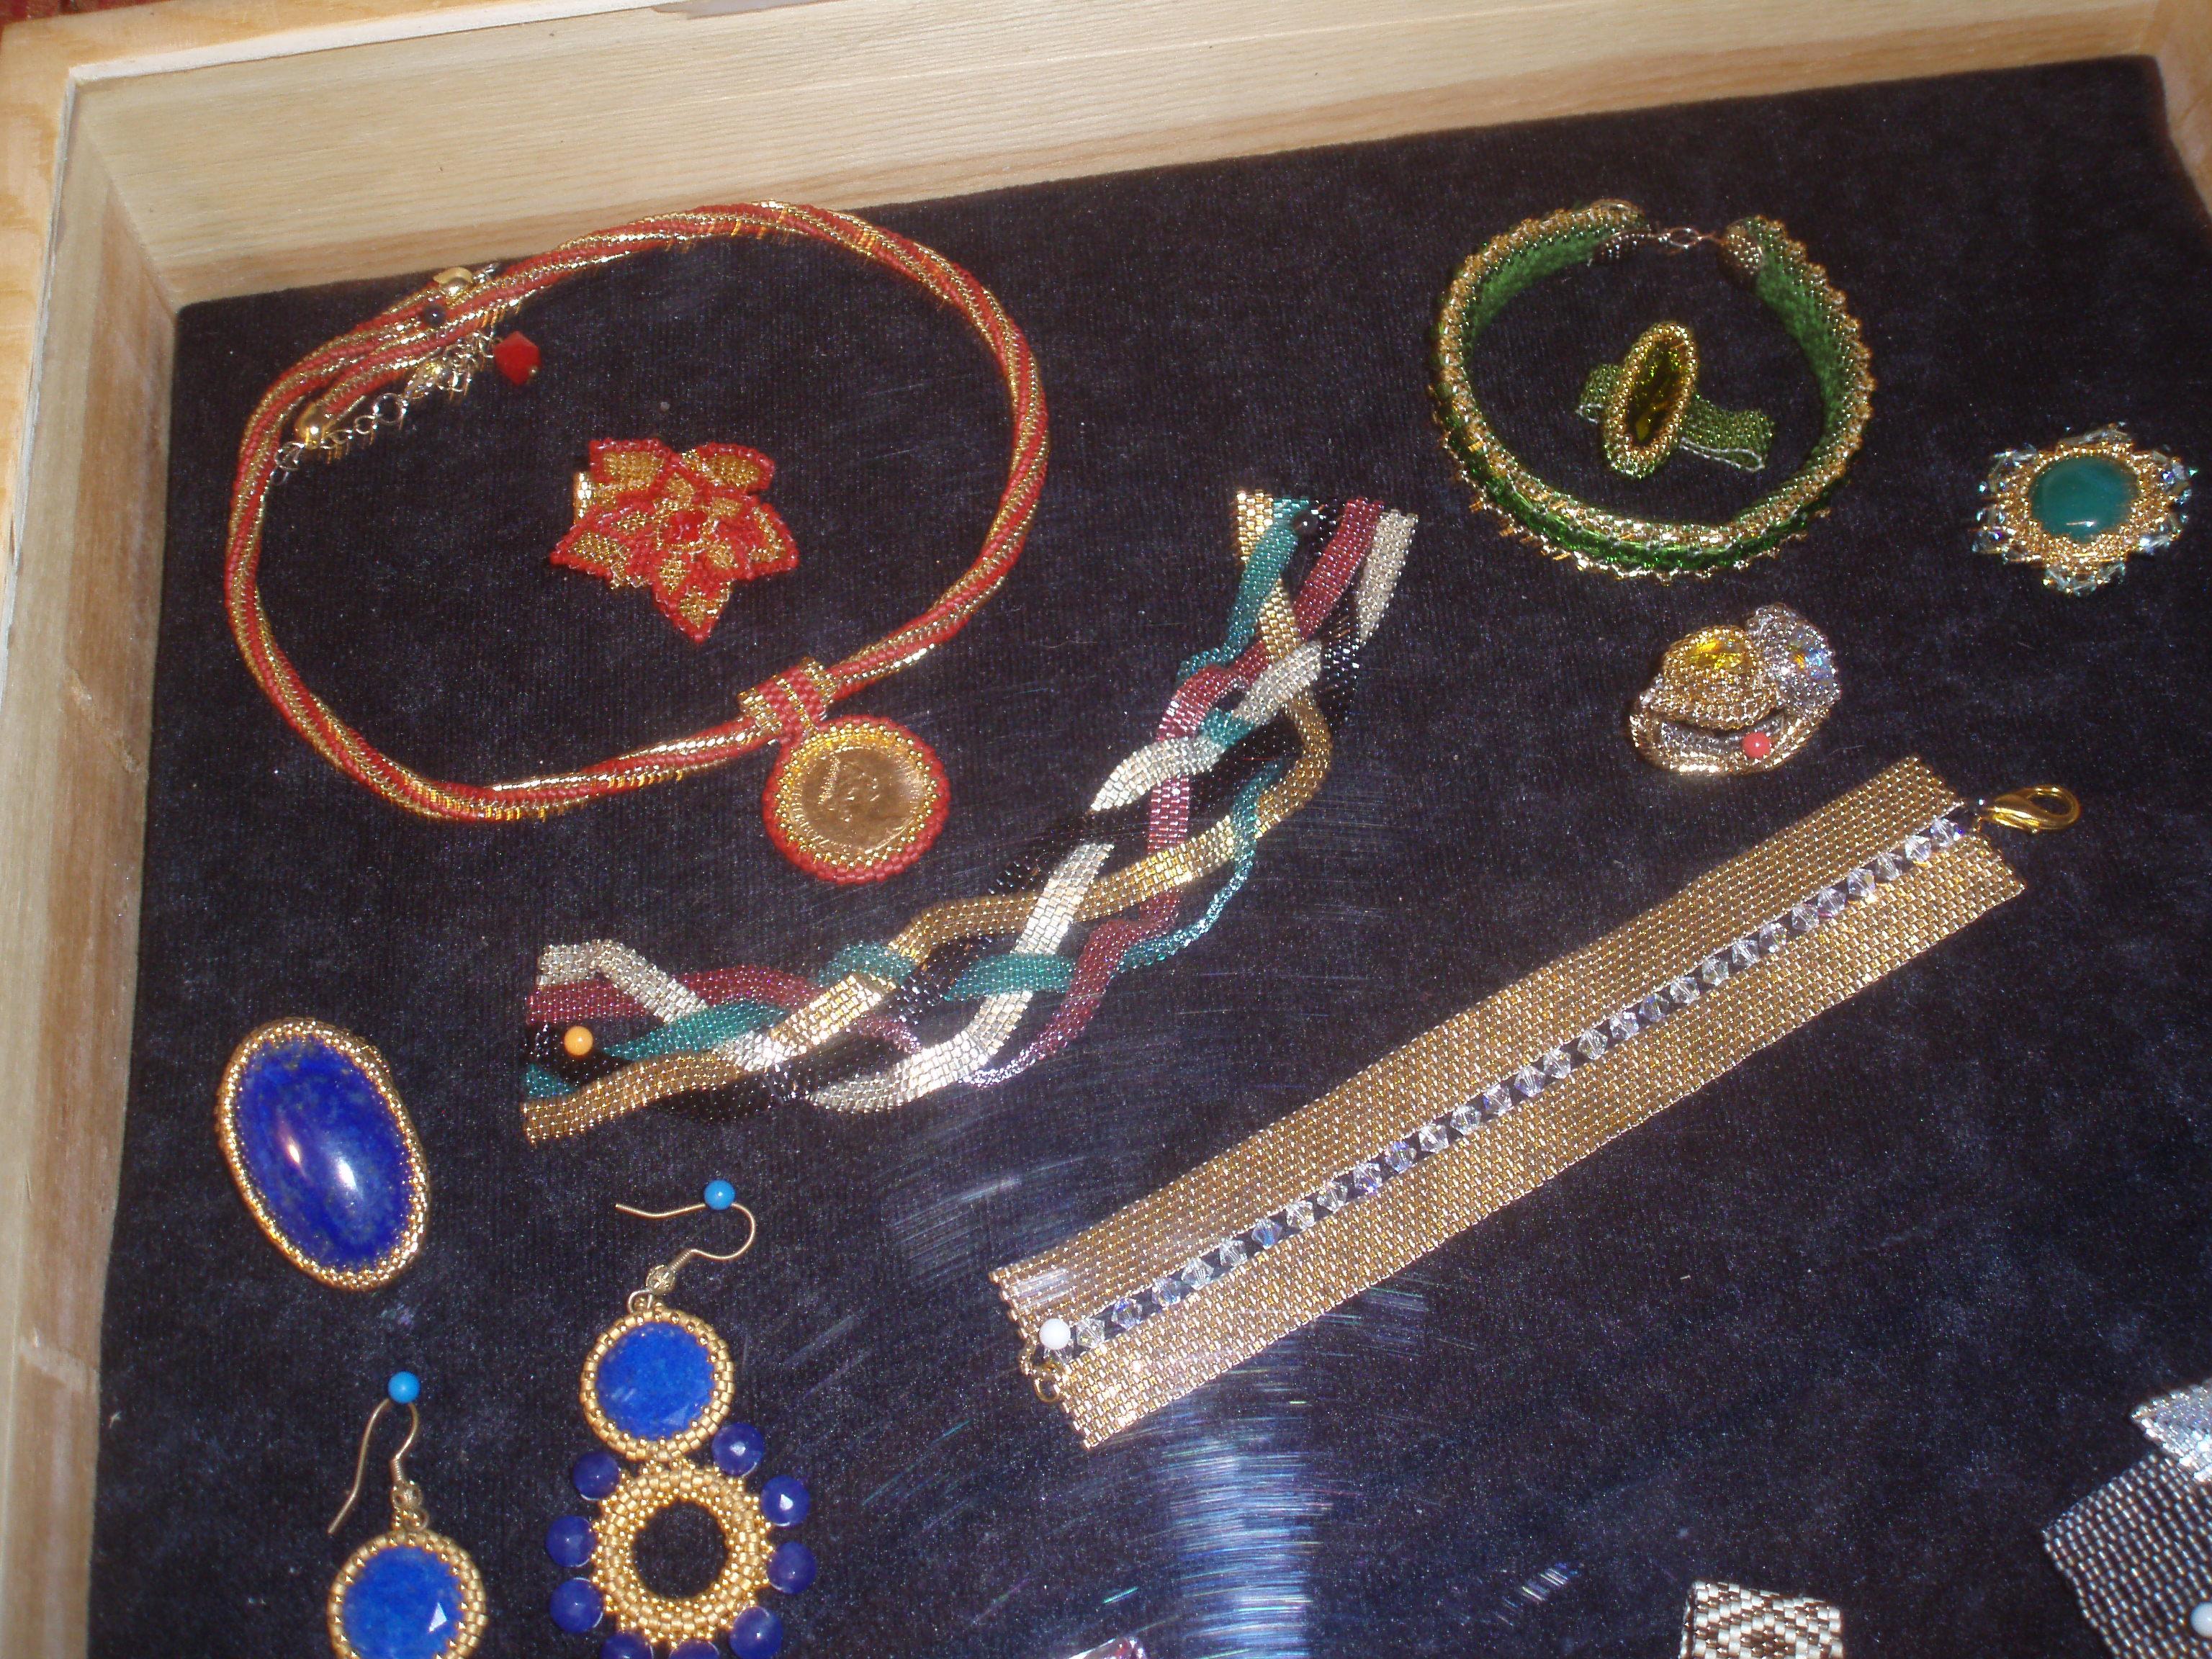 un particolare dell'esposizione, nella sezione 'gioielli'